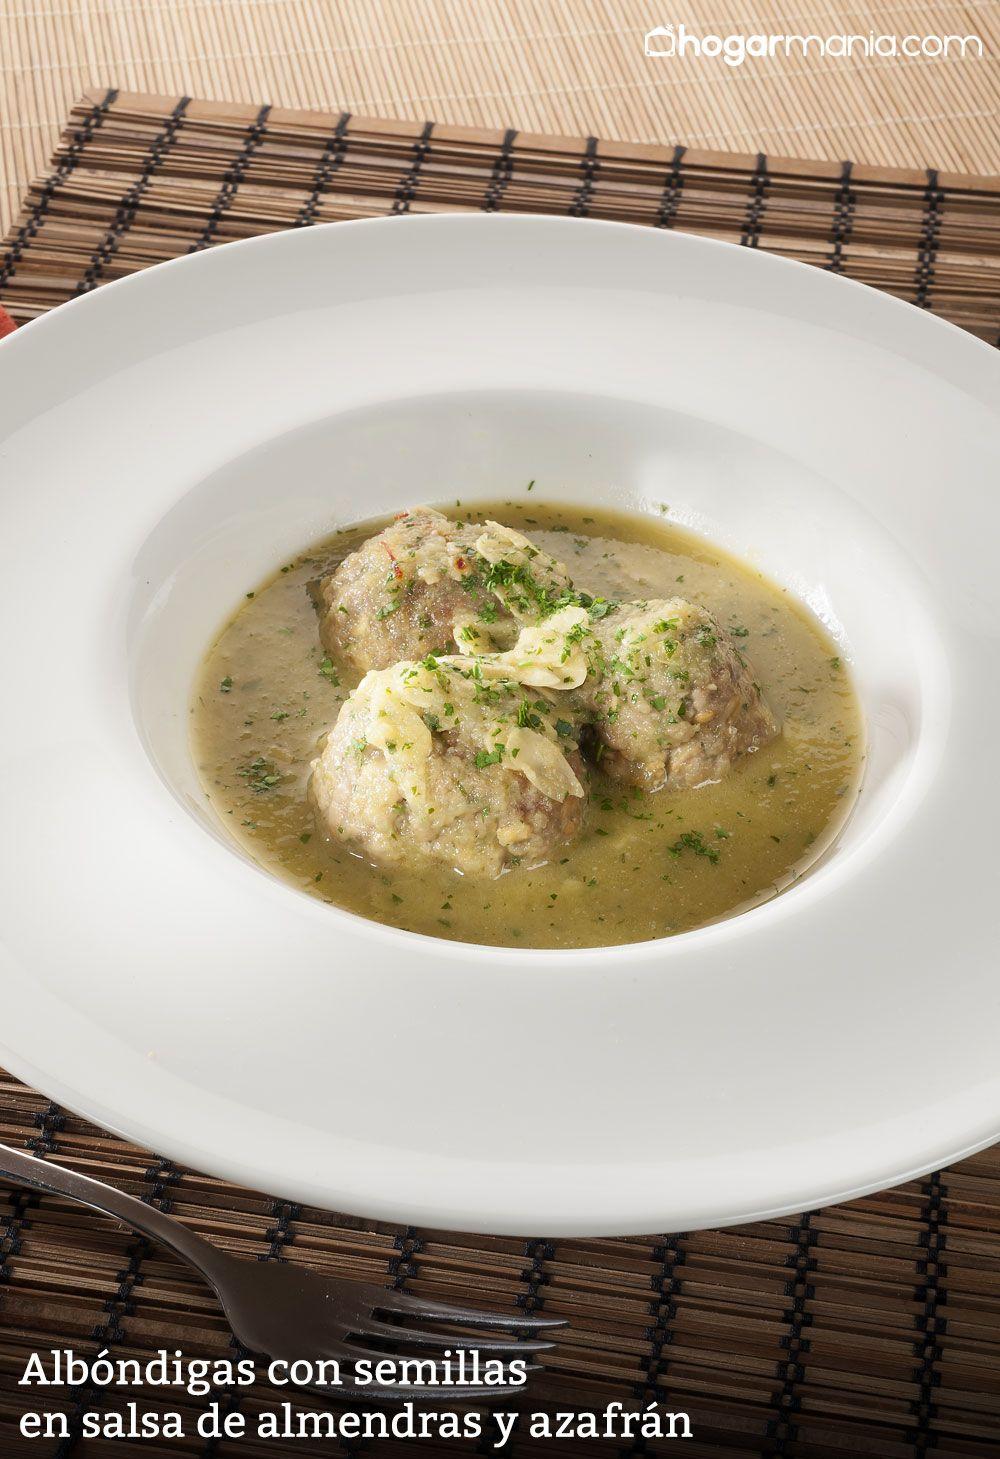 Albóndigas con semillas en salsa de almendras y azafrán